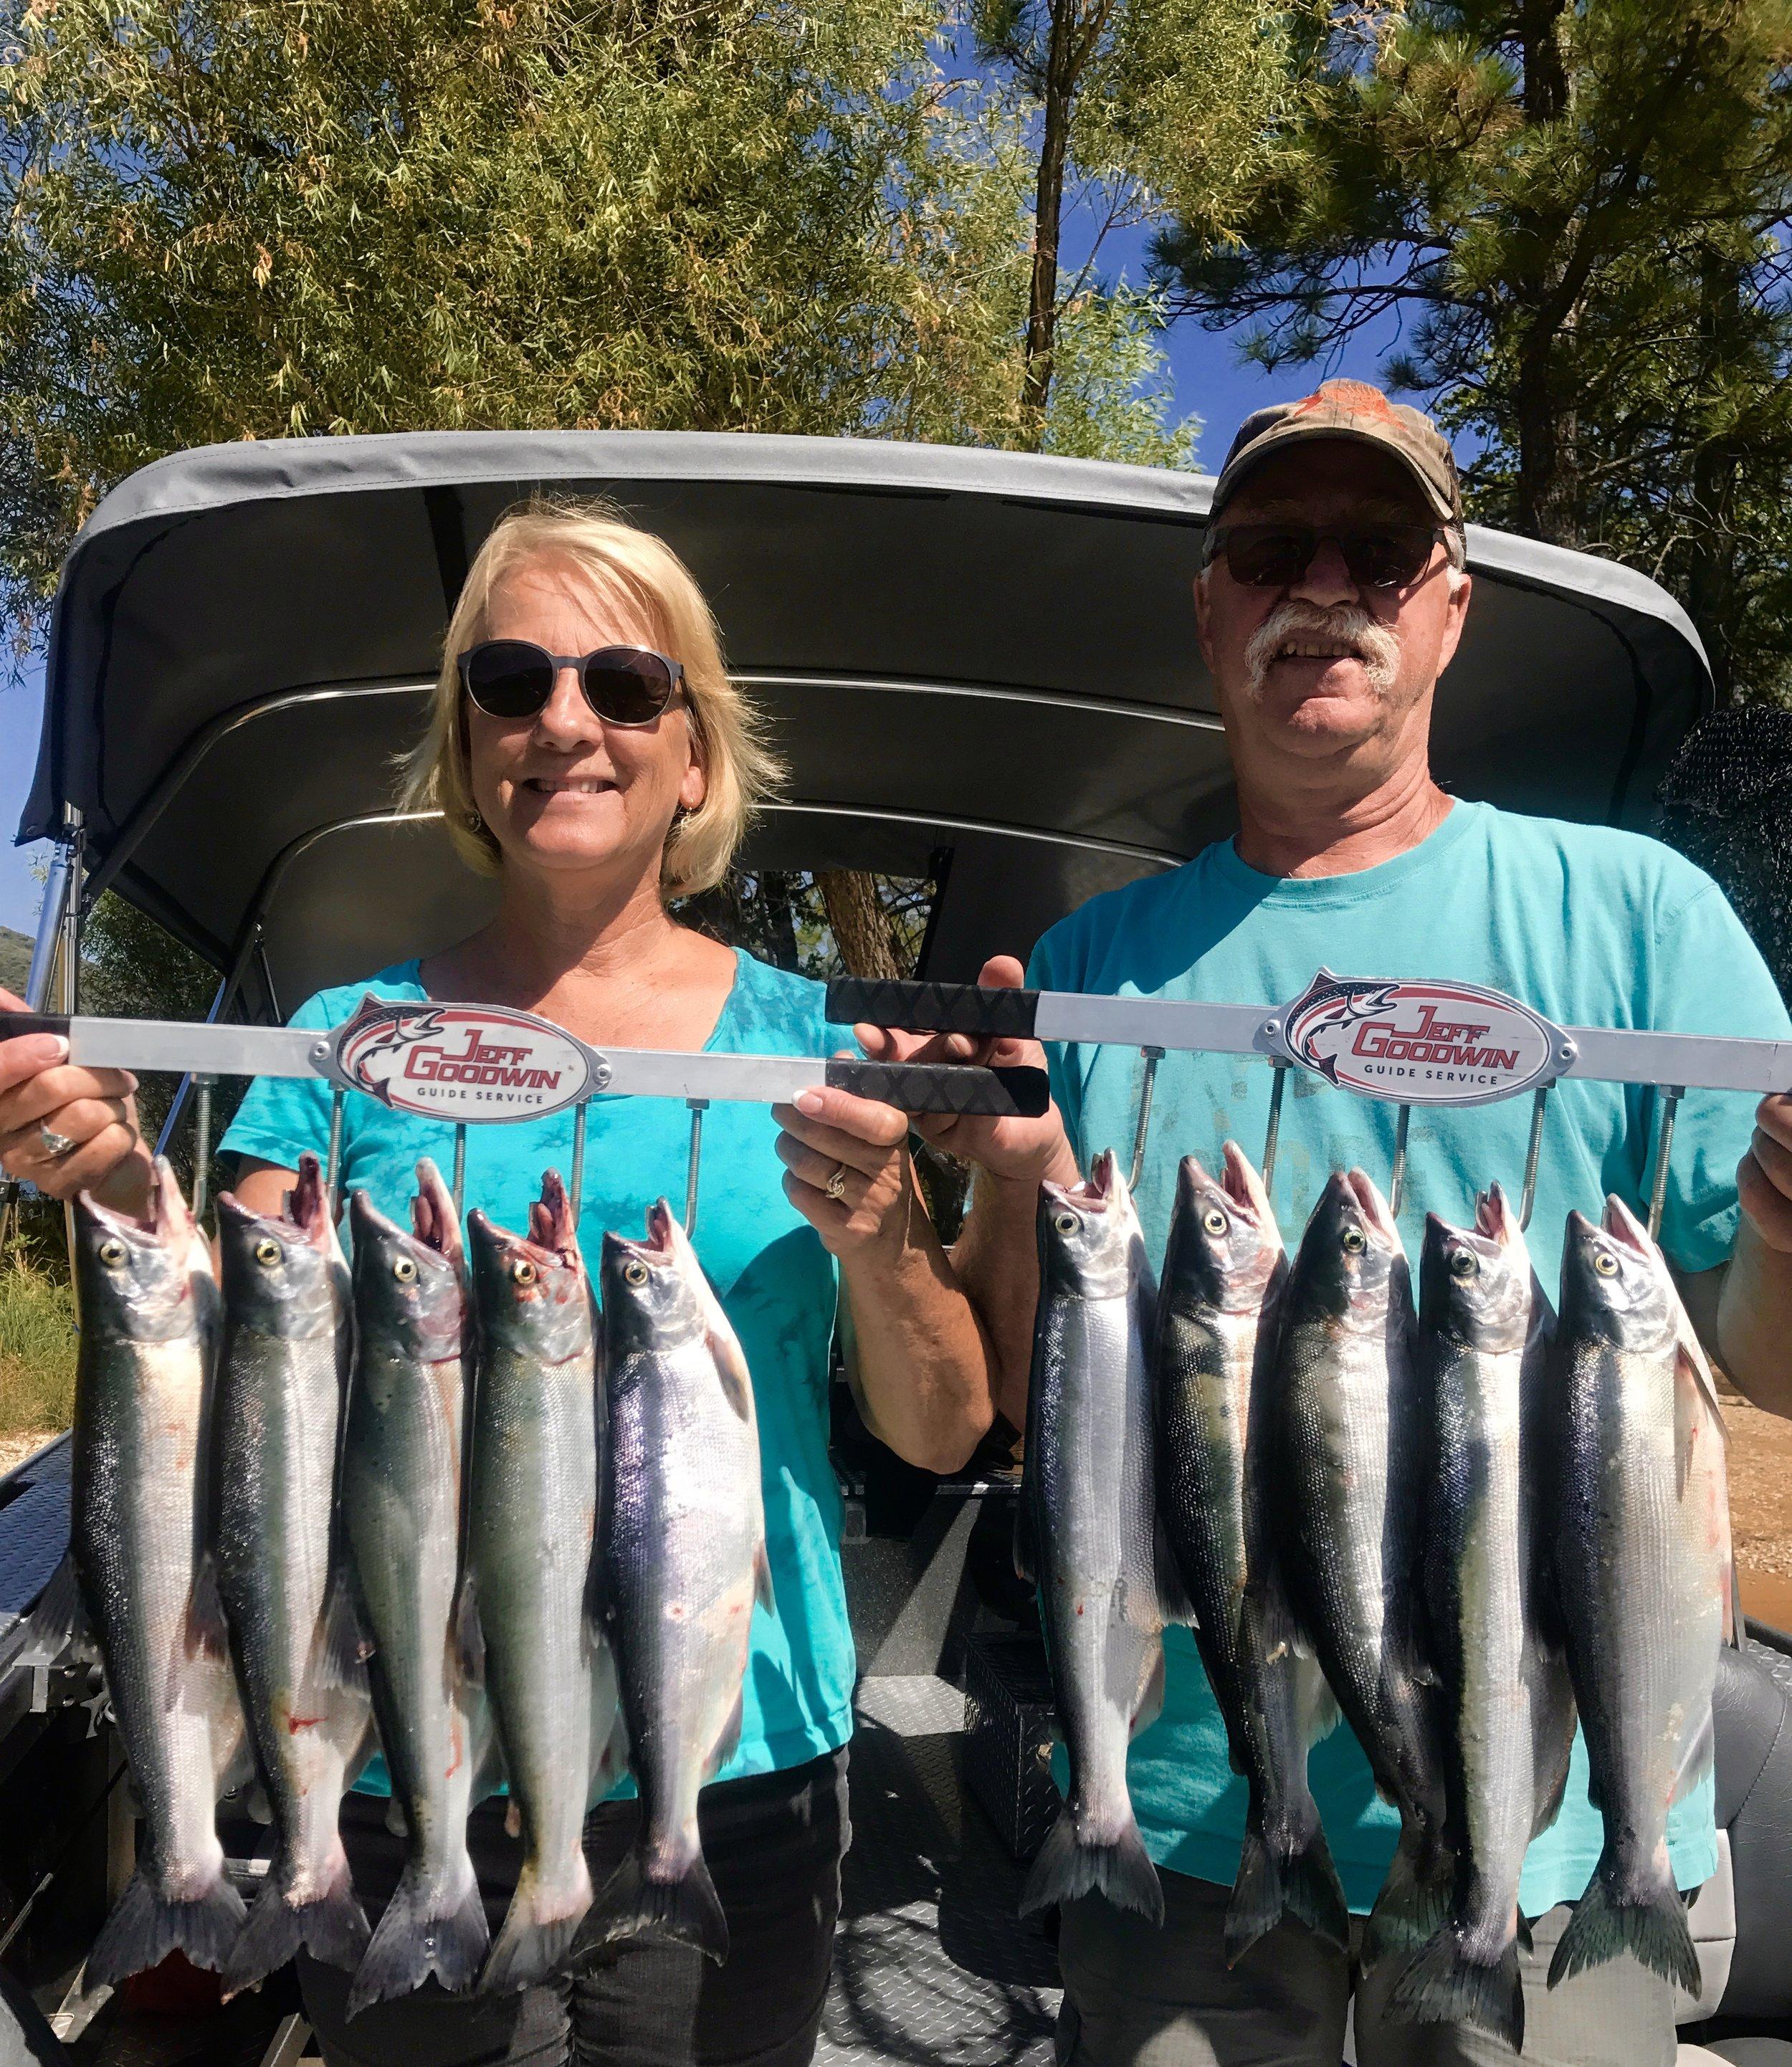 We're still catching limits of beautiful Kokanee salmon on Whiskeytown Lake!